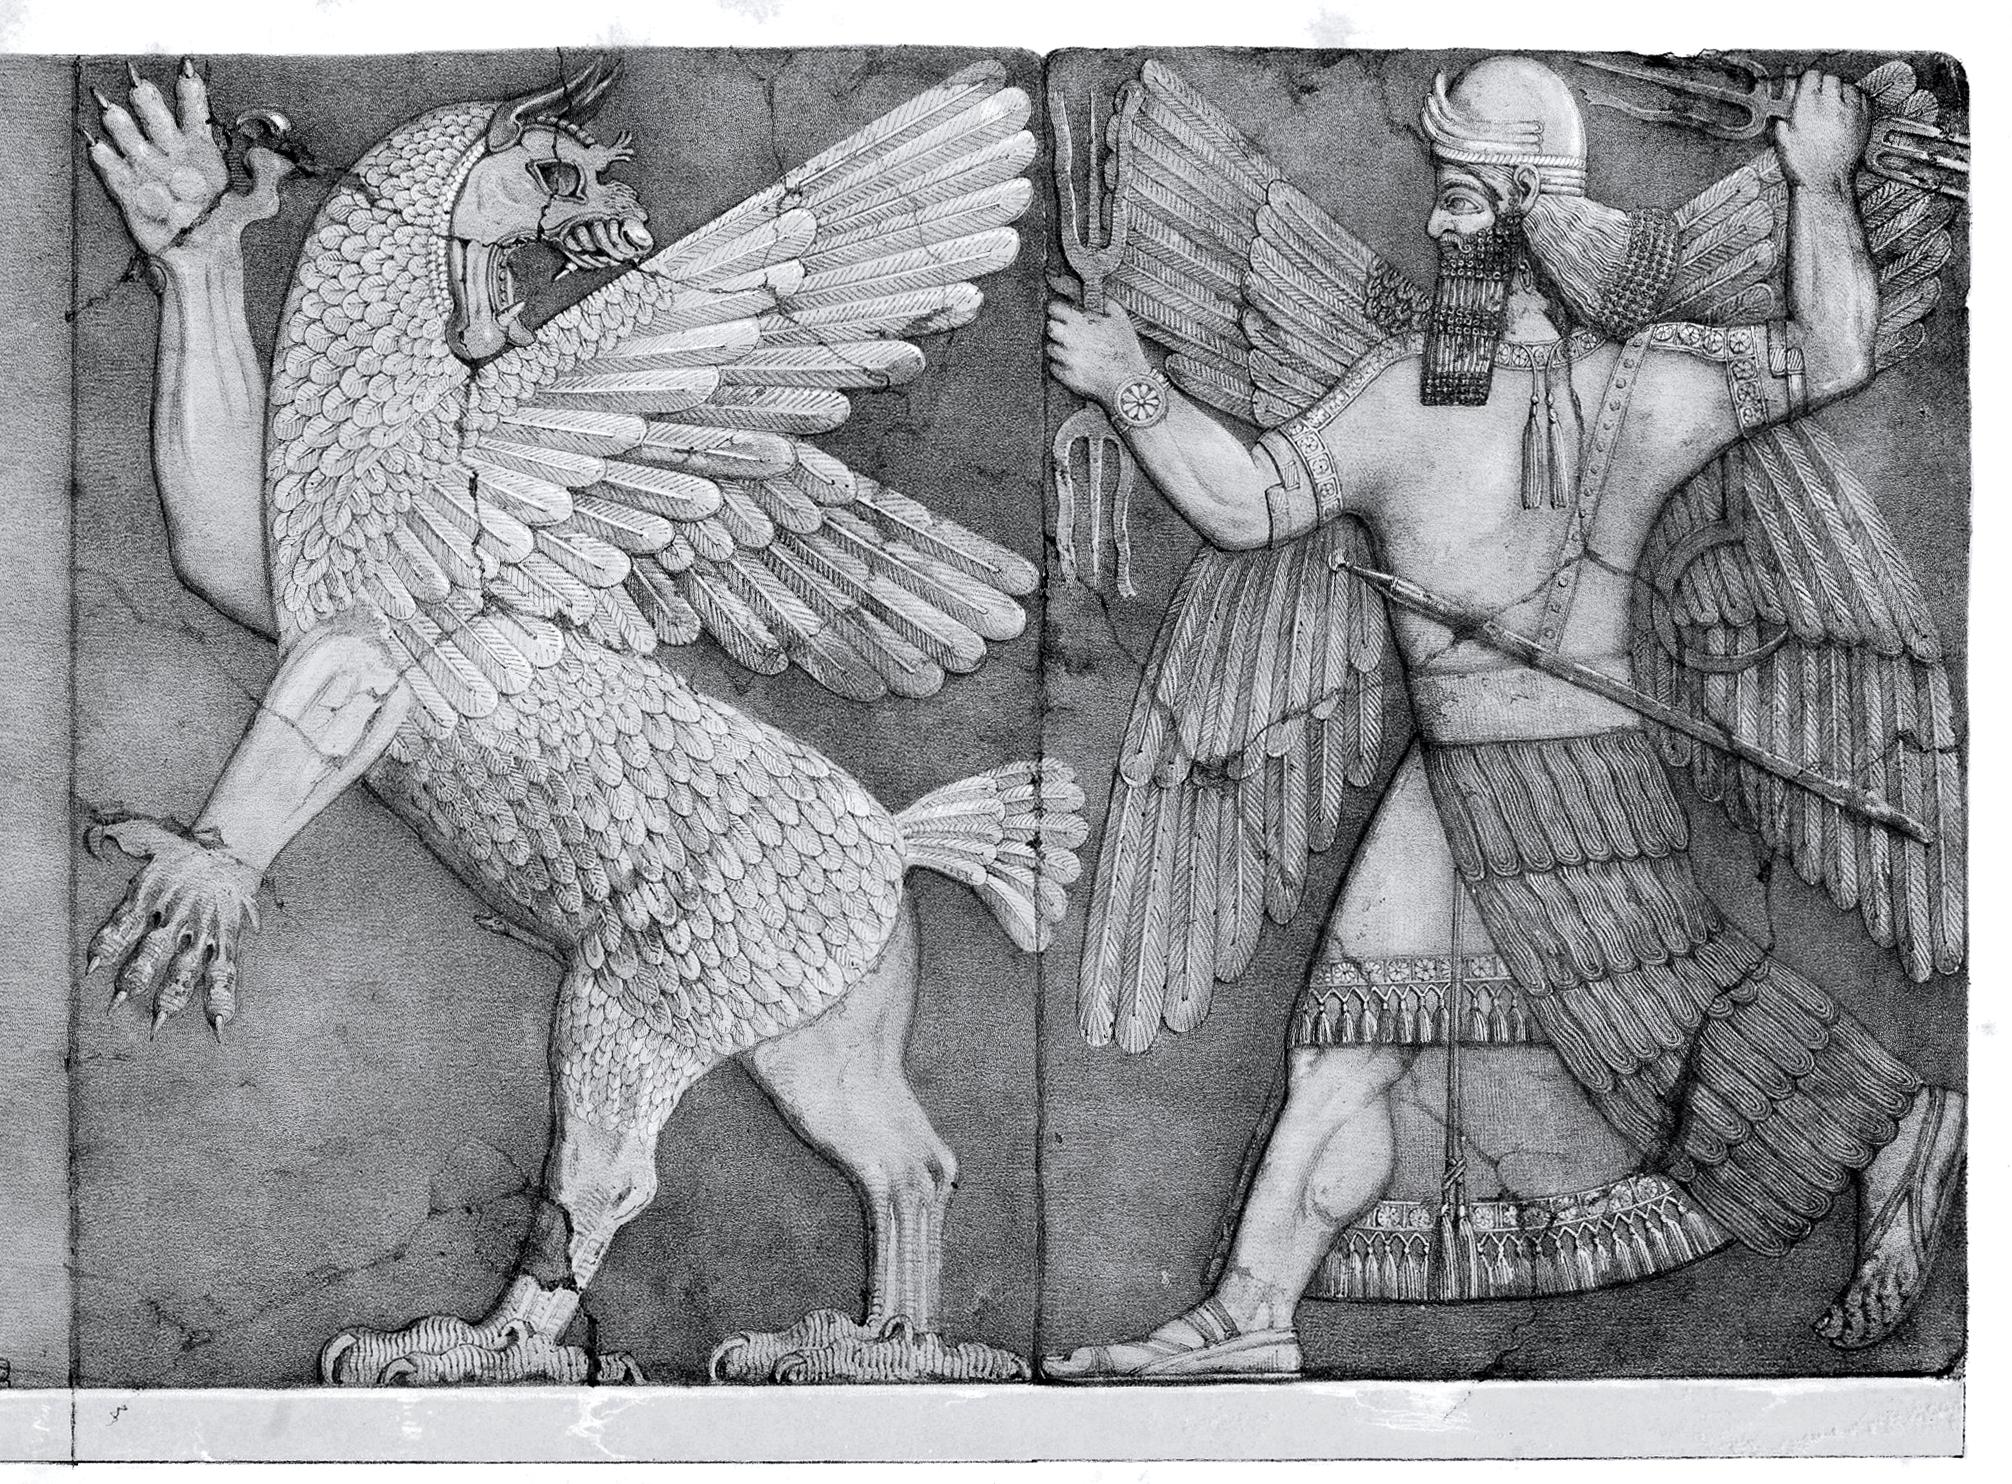 Сумеры и связь с азиатскими божествами, общие технологии, шумеры, месопотамия